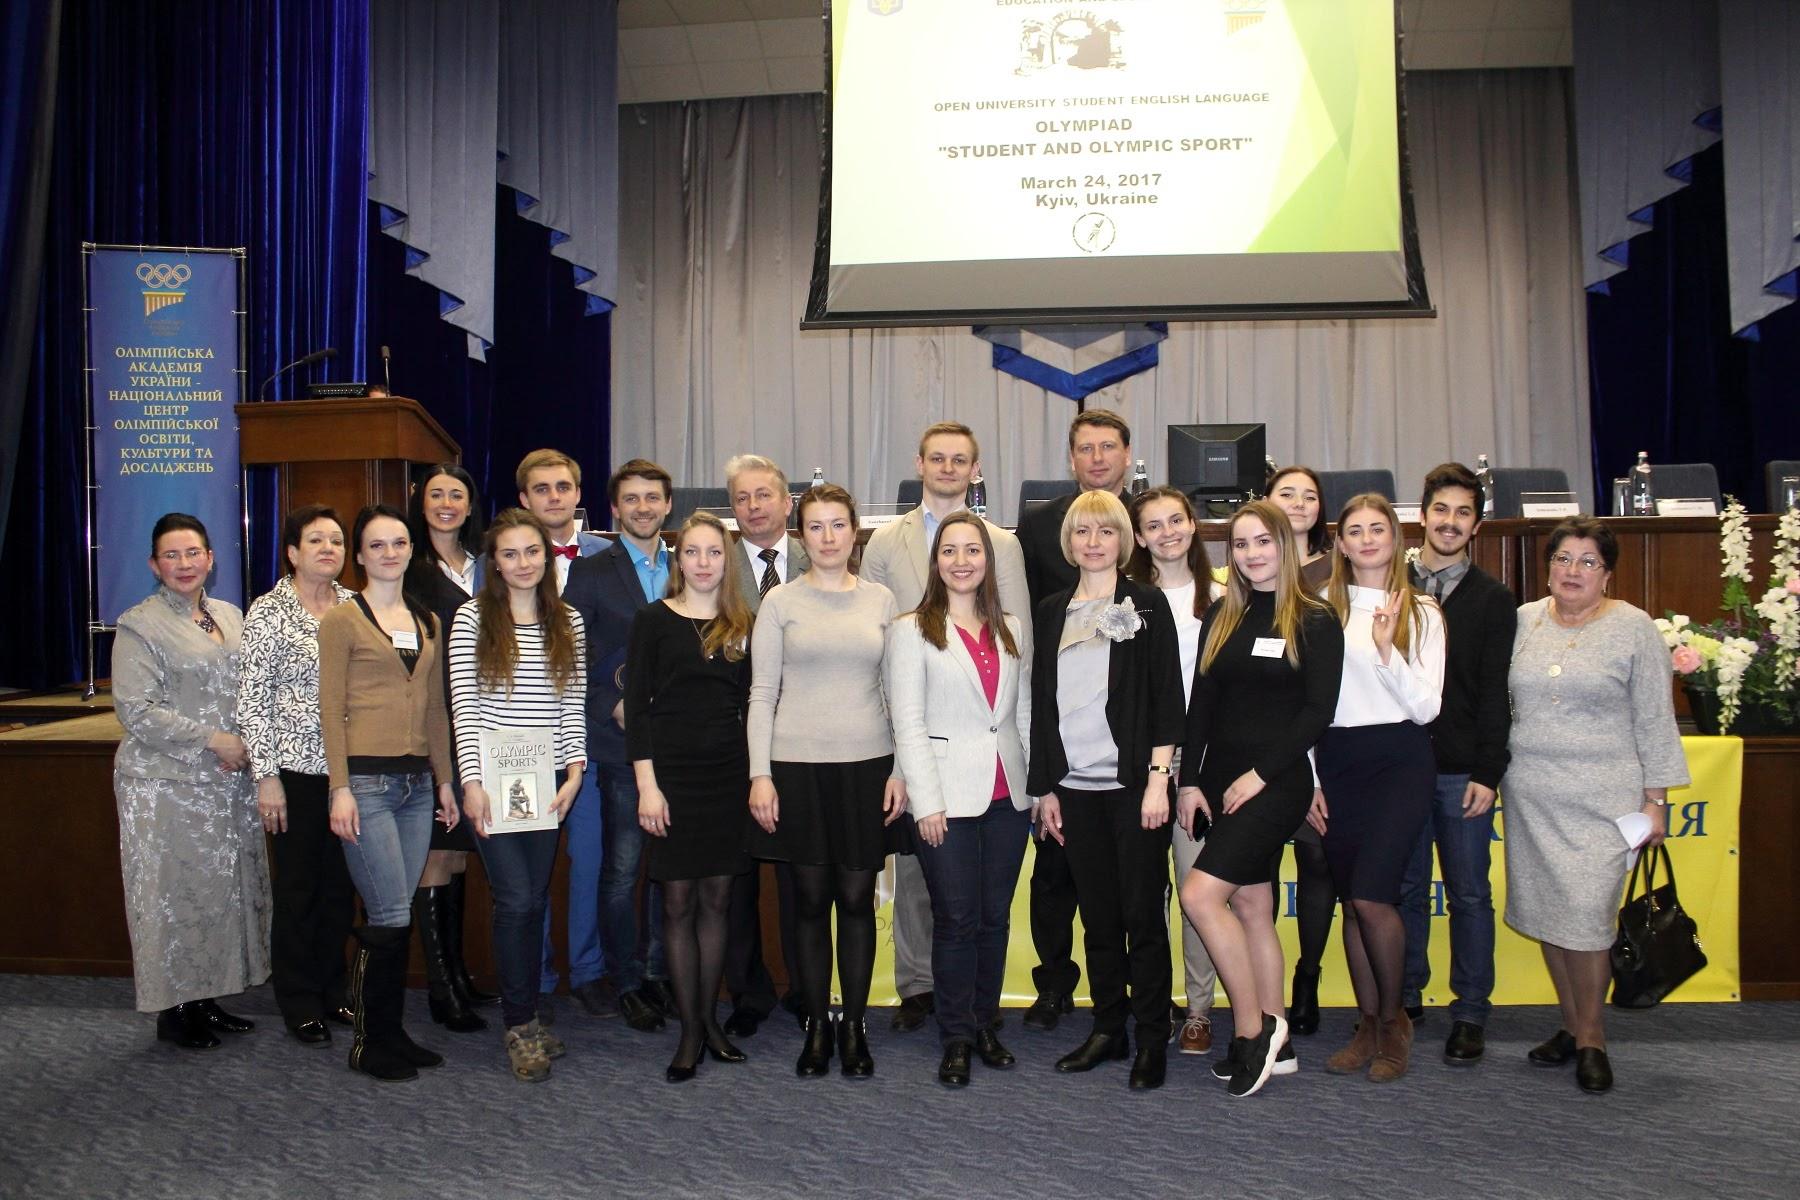 Відкрита олімпіада НУФВСУ з англійської мови «Студент та олімпійський спорт»